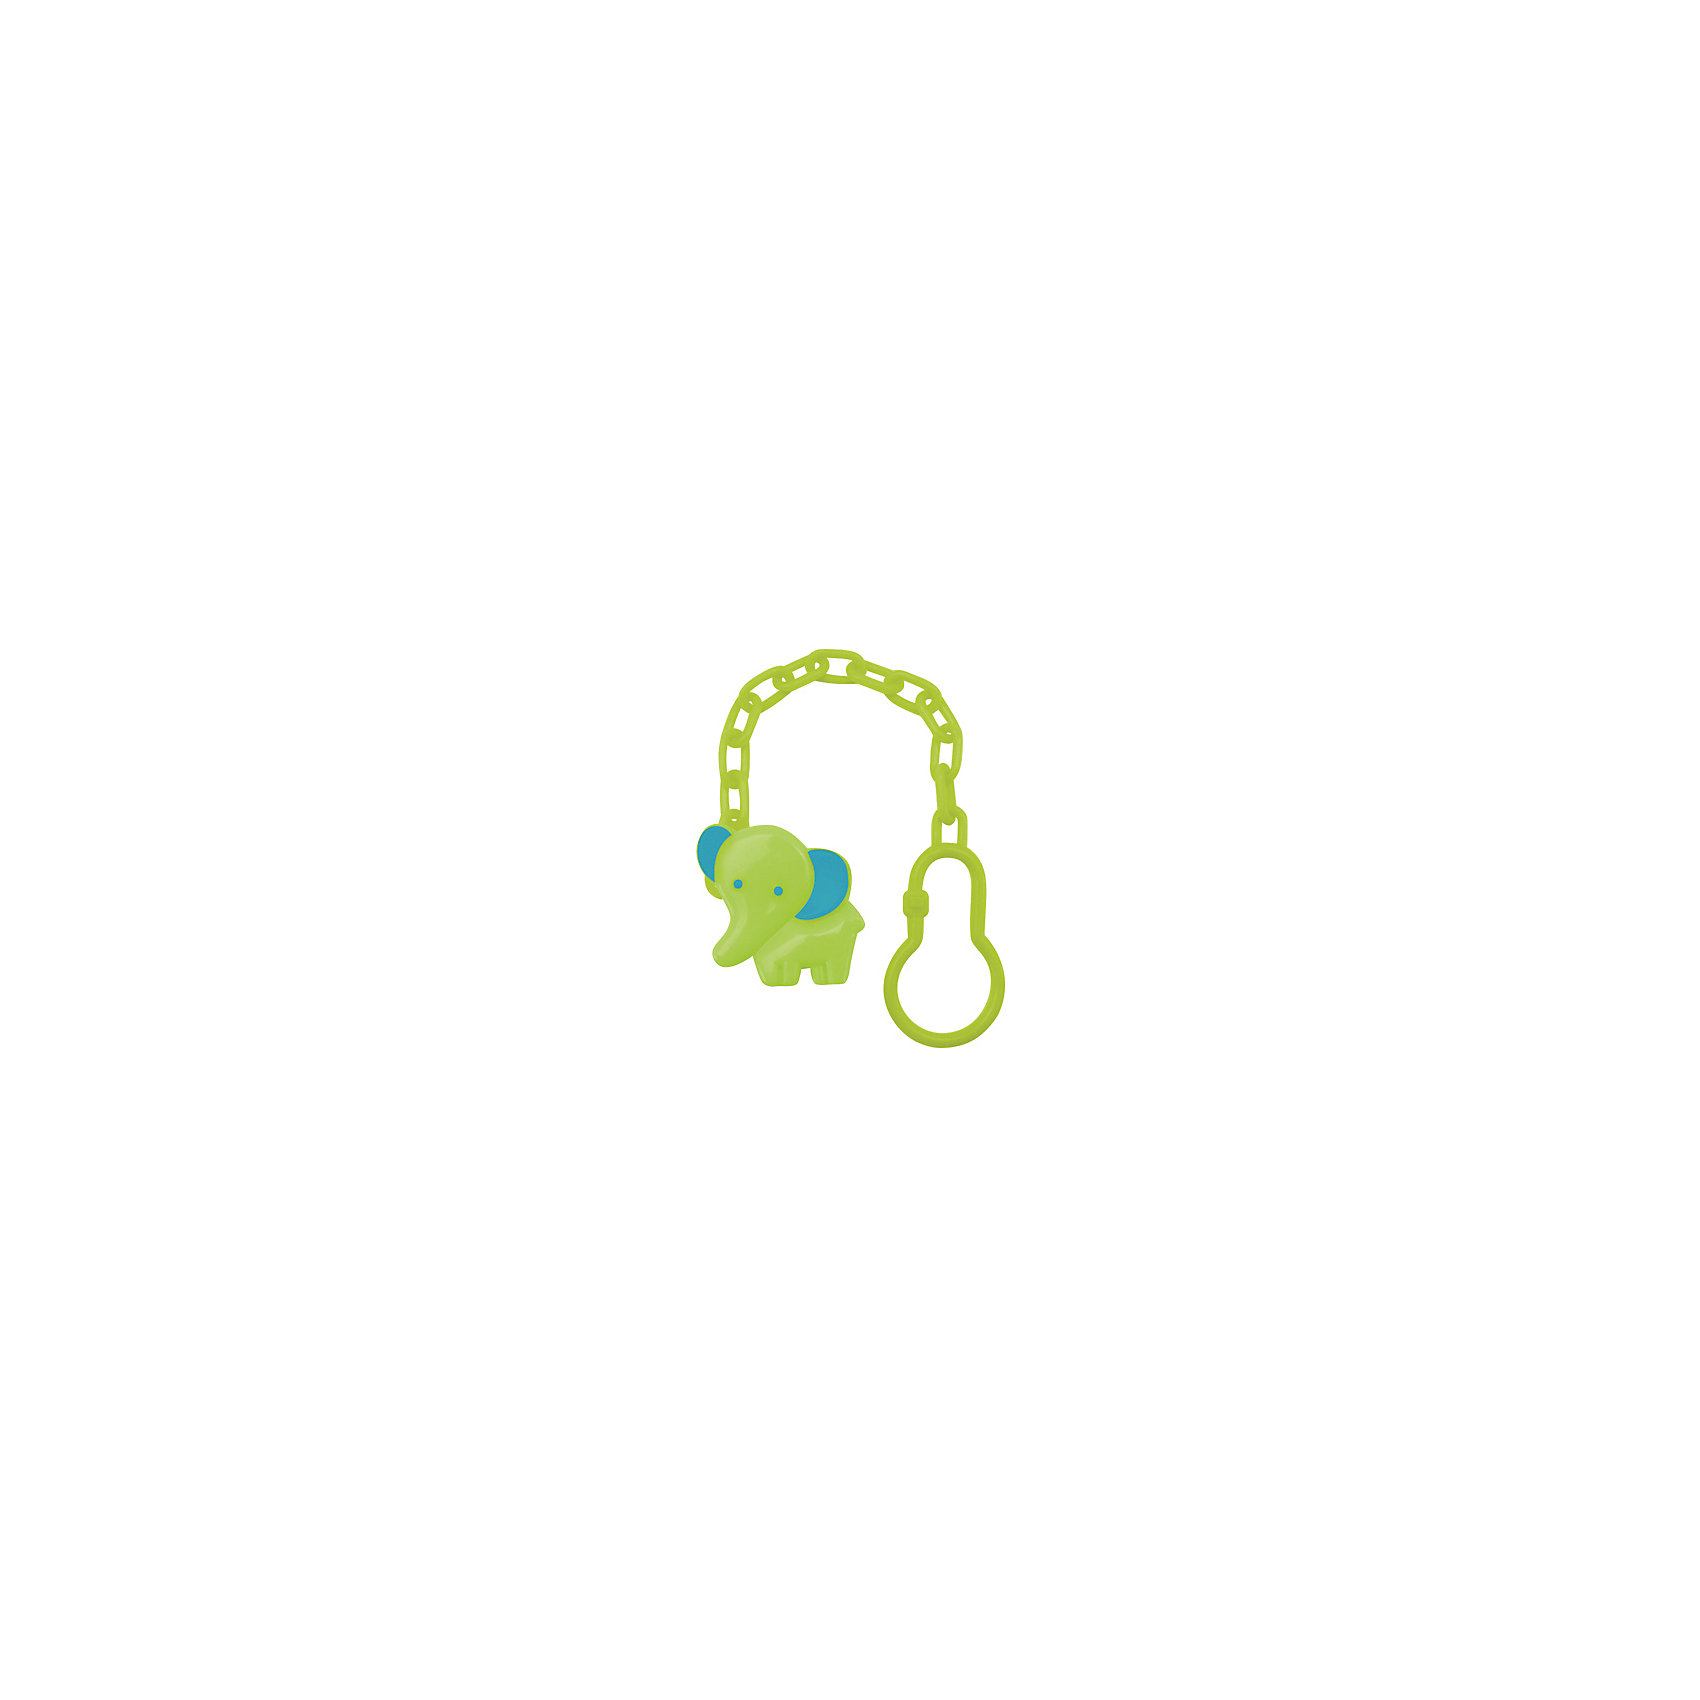 Клипса для соски-пустышки Слоник от 0 мес. полипропилен на цепочке, LUBBY, зеленыйМалышу очень важно не потерять свою любимую соску. В этом ему поможет клипса для соски-пустышки с цепочкой. Клипса незаменима во время длительных прогулок или при походах в гости. Изделие прочно крепится к одежде ребенка и предохраняет пустышку от случайного падения и загрязнения. Расстегните специальное кольцо клипсы «LUBBY», прикрепите его к соске-пустышке. С другой стороны клипсу необходимо пристегнуть к одежде малыша при помощи специальной застежки.<br><br>Дополнительная информация: <br><br>- состав: полипропилен, нержавеющая сталь<br>- срок службы: 3 года<br>- размер единичной упаковки (дхшхв) : 20*120*200<br><br>Клипса для соски-пустышки Слоник от 0 мес. полипропилен на цепочке, LUBBY можно купить в нашем интернет-магазине.<br>Малышу очень важно не потерять свою любимую соску. В этом ему поможет клипса для соски-пустышки с цепочкой. Клипса незаменима во время длительных прогулок или при походах в гости. Изделие прочно крепится к одежде ребенка и предохраняет пустышку от случайного падения и загрязнения. Расстегните специальное кольцо клипсы «LUBBY», прикрепите его к соске-пустышке. С другой стороны клипсу необходимо пристегнуть к одежде малыша при помощи специальной застежки.<br><br>Дополнительная информация: <br><br>- состав: полипропилен, нержавеющая сталь<br>- срок службы: 3 года<br>- размер единичной упаковки (дхшхв) : 20*120*200<br><br>Клипса для соски-пустышки Слоник от 0 мес. полипропилен на цепочке, LUBBY можно купить в нашем интернет-магазине.<br><br>Ширина мм: 120<br>Глубина мм: 20<br>Высота мм: 200<br>Вес г: 350<br>Возраст от месяцев: 0<br>Возраст до месяцев: 216<br>Пол: Унисекс<br>Возраст: Детский<br>SKU: 4801588